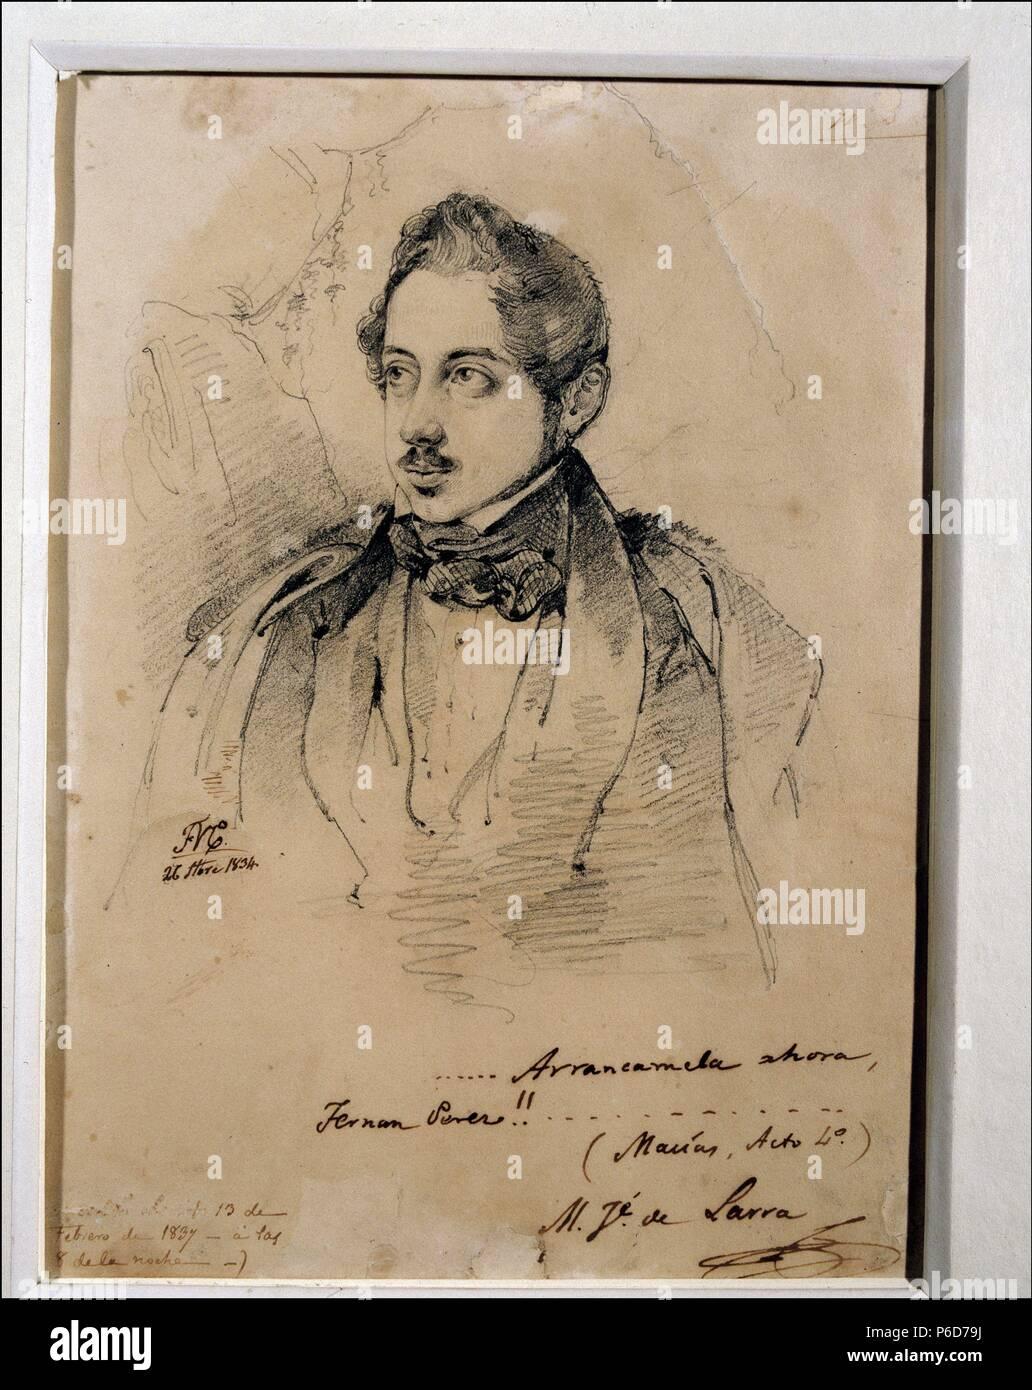 Larra Mariano José Escritor Español Madrid 1809 1837 Dibujo De Federico De Madrazo En El Año 1834 Museo Del Prado Madrid Stockfotografie Alamy